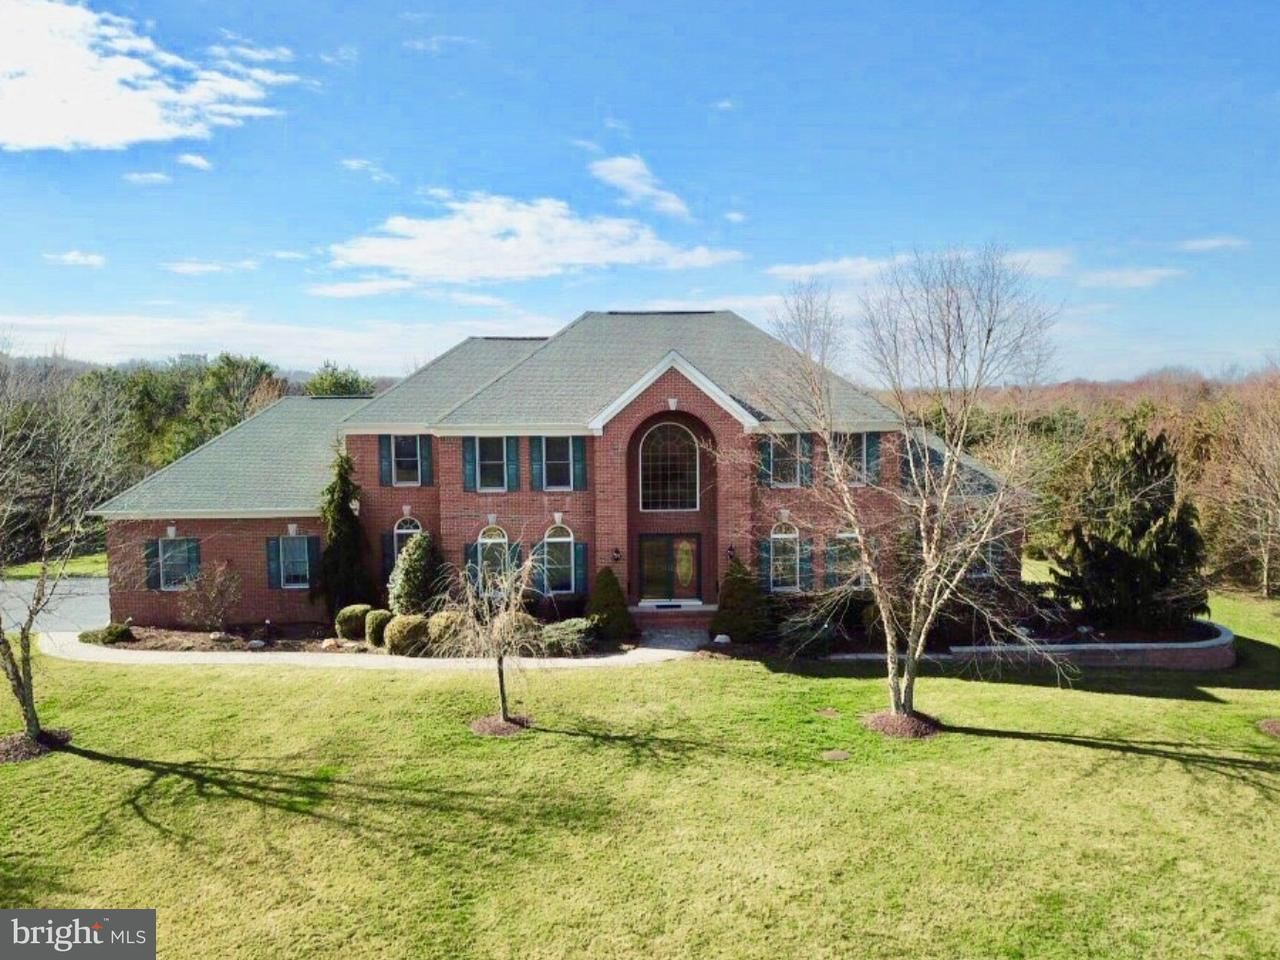 Maison unifamiliale pour l Vente à 4 LANDVIEW Court Robbinsville, New Jersey 08691 États-UnisDans/Autour: Robbinsville Township